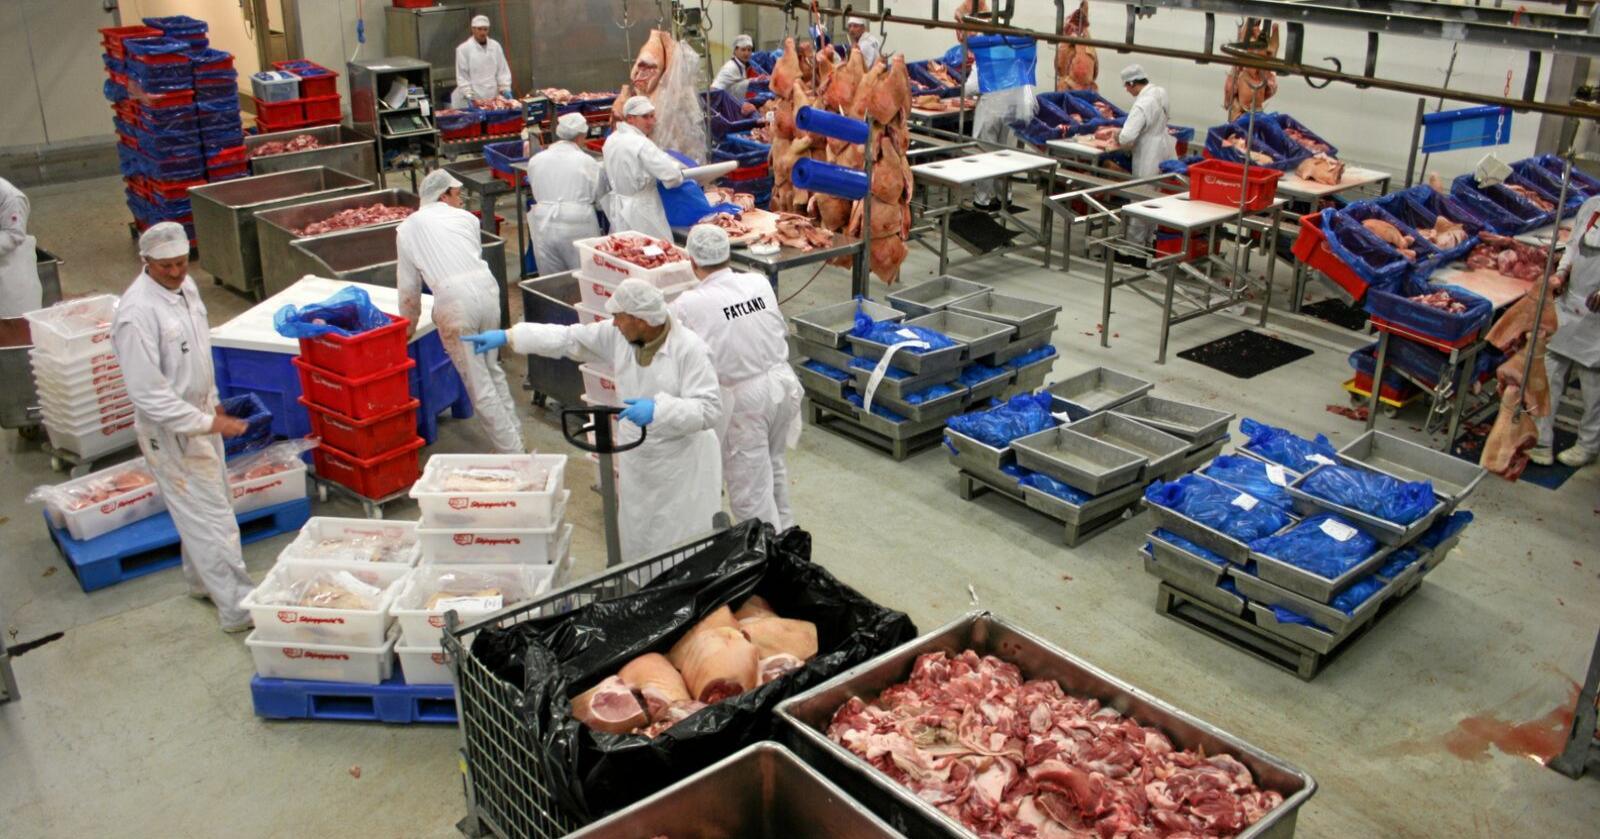 Mottaksplikt: Forslaget om å pålegge Nortura dobbel mottaksplikt på kjøtt får støtte frå Fatland, som er den største slakteri-konkurrenten til Nortura. Her frå slakteriet til Fatland ved Ølen i Rogaland. Foto: Bjarne Bekkeheien Aase